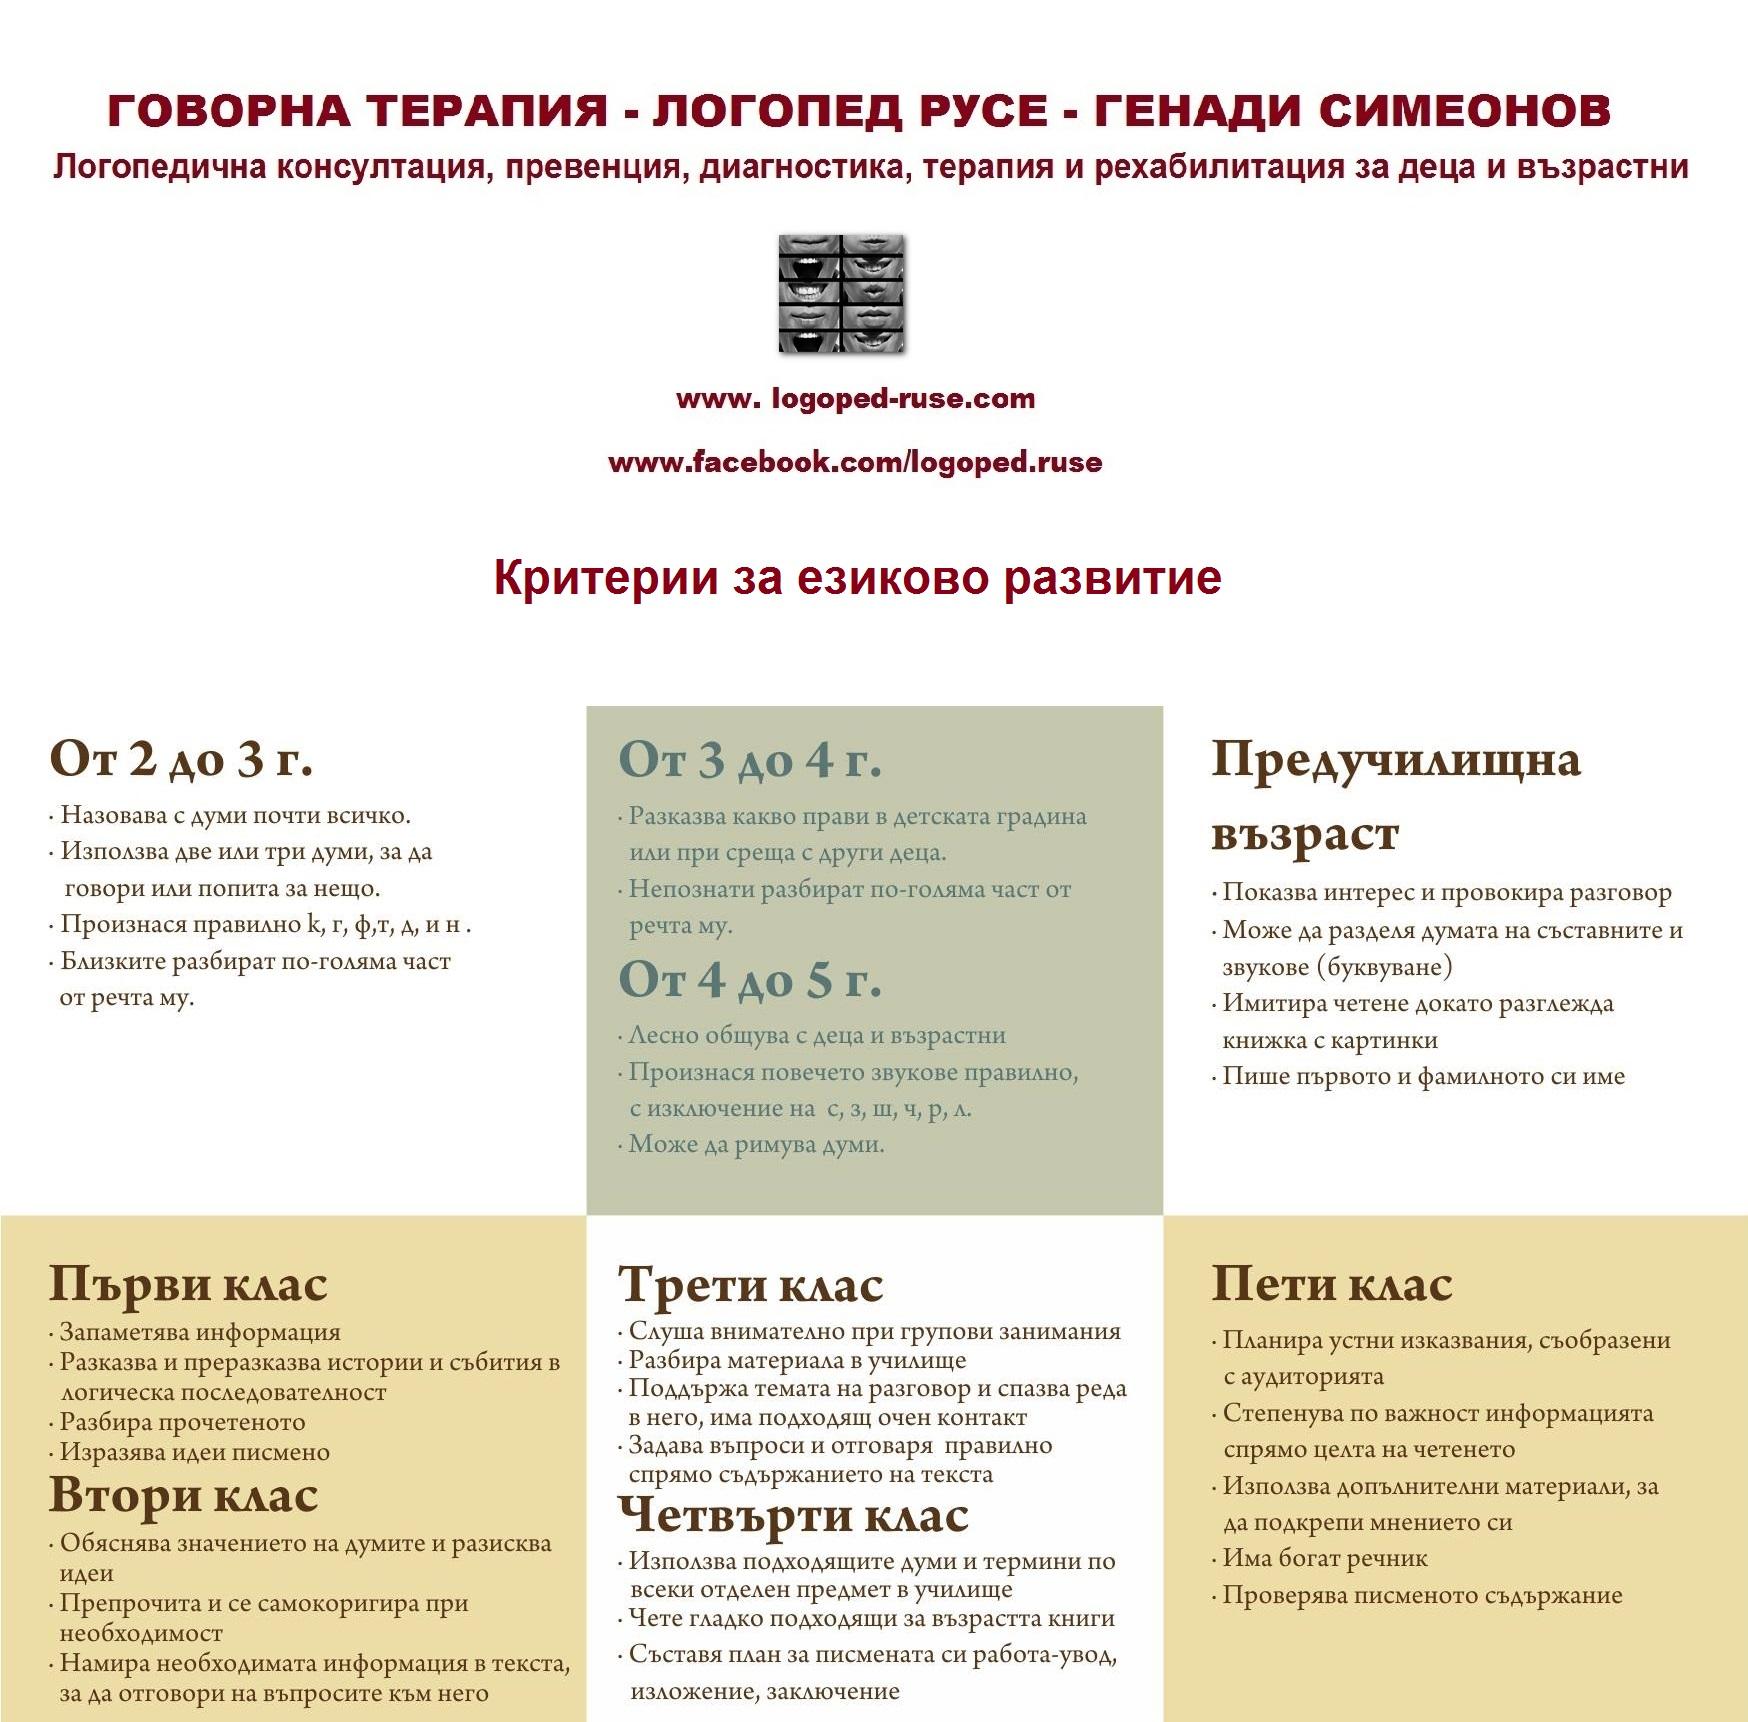 Критерии за езиково развитие, Логопед в Русе; логопедична помощ в Русе; логопеди в Русе; добър логопед в Русе; добри логопеди в Русе; как да се справя с говорния си дефект - проблем; коригиране на говорен дефект в Русе; говорен терапевт в Русе; как да намеря логопед в Русе; детски логопед; добър детски логопед; логопед за възрастни в Русе; логопедични центрове в Русе; логопедичен център в Русе, логопедичен кабинет в Русе; логопедични кабинети в Русе; Логопедична помощ при деца с аутизъм; Афазия; мозъчен инсулт Русе; късно проговаряне логопедична помощ; Блокиране на говора; възстановяване след прекаран инсулт в Русе, Генерализирани разстройства на развитието помощ в Русе; Дислексия;  Заекване; Затруднения за смятане и сметни операции; Затруднения при писане; Затруднения при четене;Помощ при аутизъм в Русе; Късно начало на речта; Липса на реч; Нарушение на звукопроизношението; Общо недоразвитие на речта; Поражения на ЦНС (централната нервна система); Разпад на речта в резултат на инсулт и възстановяване в Русе;  Разстройства от аутистичния спектър  в Русе, помощ на деца от аутистичен спектър в Русе; Специфични обучителни трудности; Хиперактивност с или без дефицит на вниманието; Церебрална парализа; аутизъм Русе; внимание и памет Русе; Замяна или неправилно произнасяне на един звук или групи звукове; деца езикови говорни нарушения консултация и корекция логопедичен кабинет Русе; логопедични занимания логопед Русе; логопед  Русе; менингит-енцефалит; слуховото и тактилно възприятие; черепно-мозъчна травма засягане на говора и речта помощ в Русе; логопедична помощ при деца с увреждания; деца аутисти в Русе; нарушения на общуването при деца с увреждания Русе; детето ми заеква помощ; добър логопед в Русе; заекване Логопед в Русе; Логопеди в Русе; добри логопеди в Русе; добър логопед в Русе; заекване при възрастни; заекване лечение; заекване при деца лечение Русе; заекване от уплаха Русе; корекция на заекване при деца Русе; заекване при малки деца; заекване хомеопатия; заек